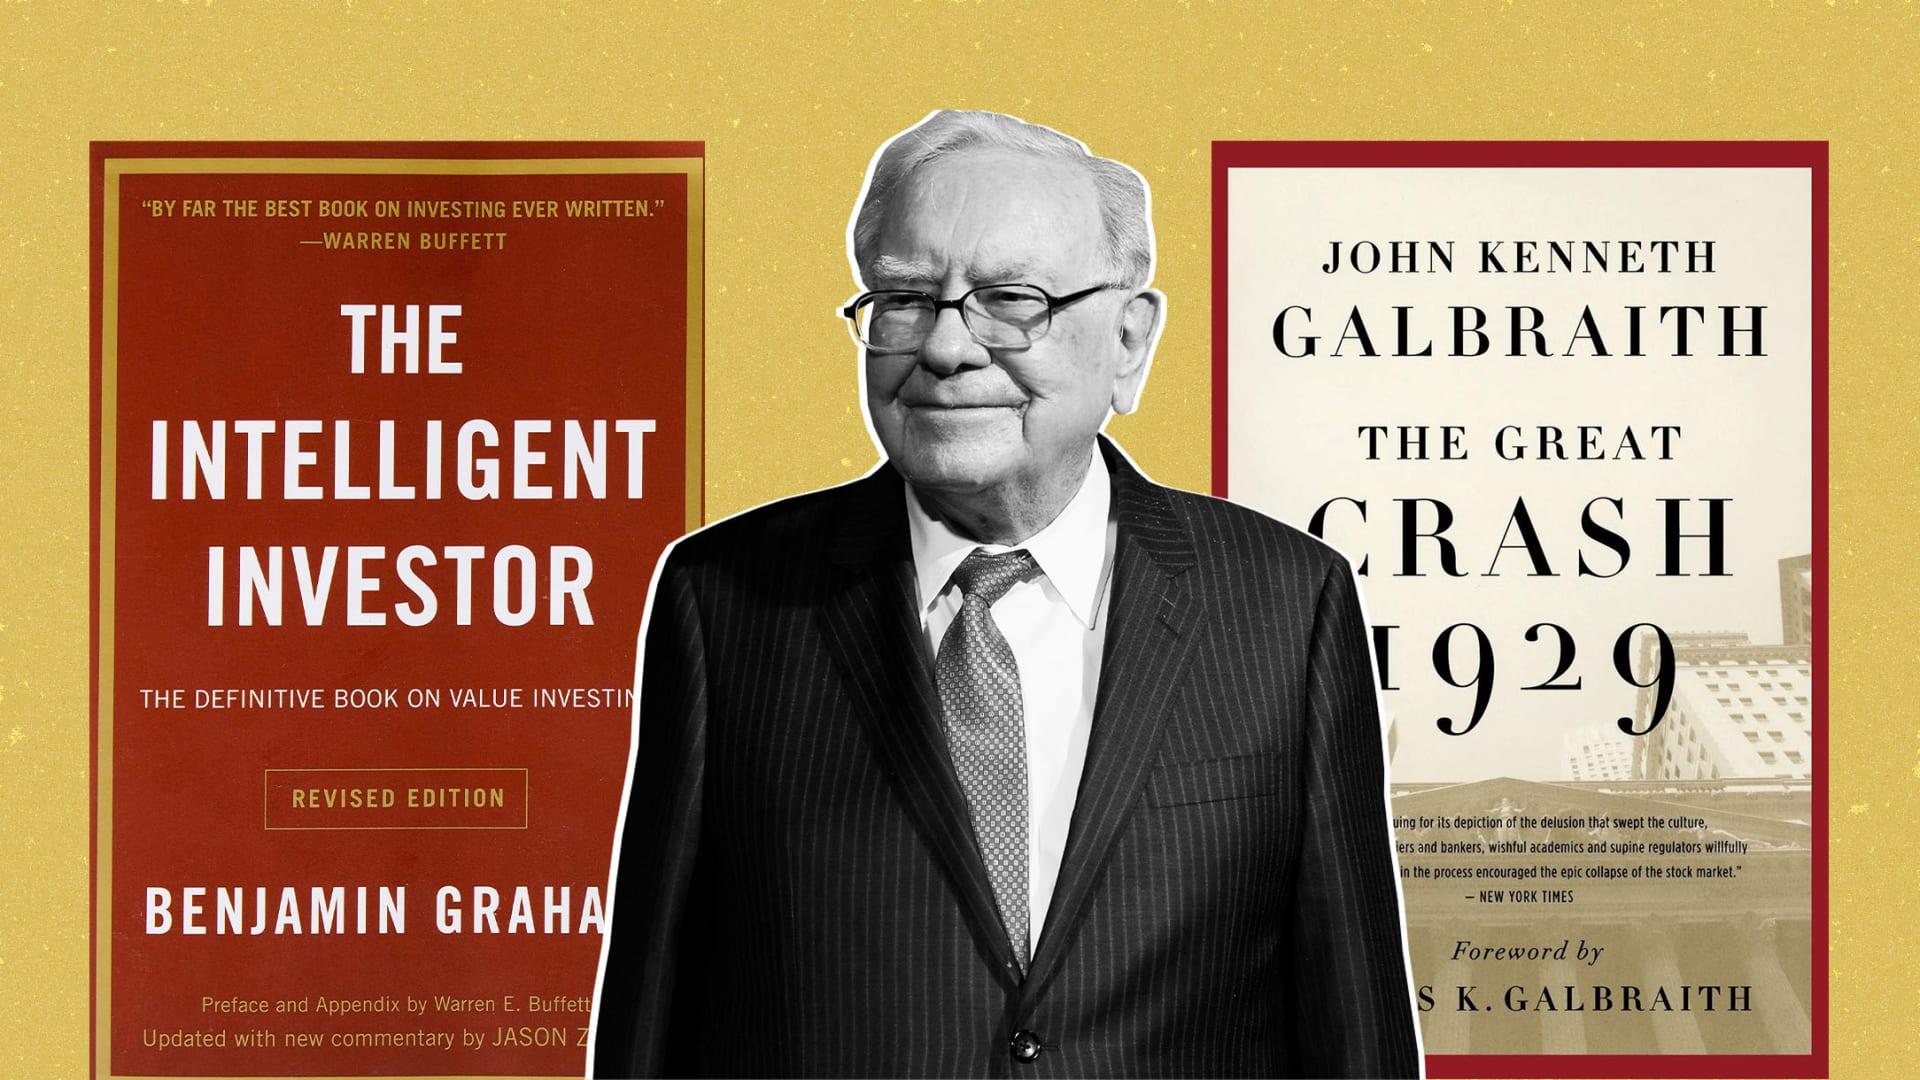 9 Books Warren Buffett Wants You to Read to Help Make You Smarter